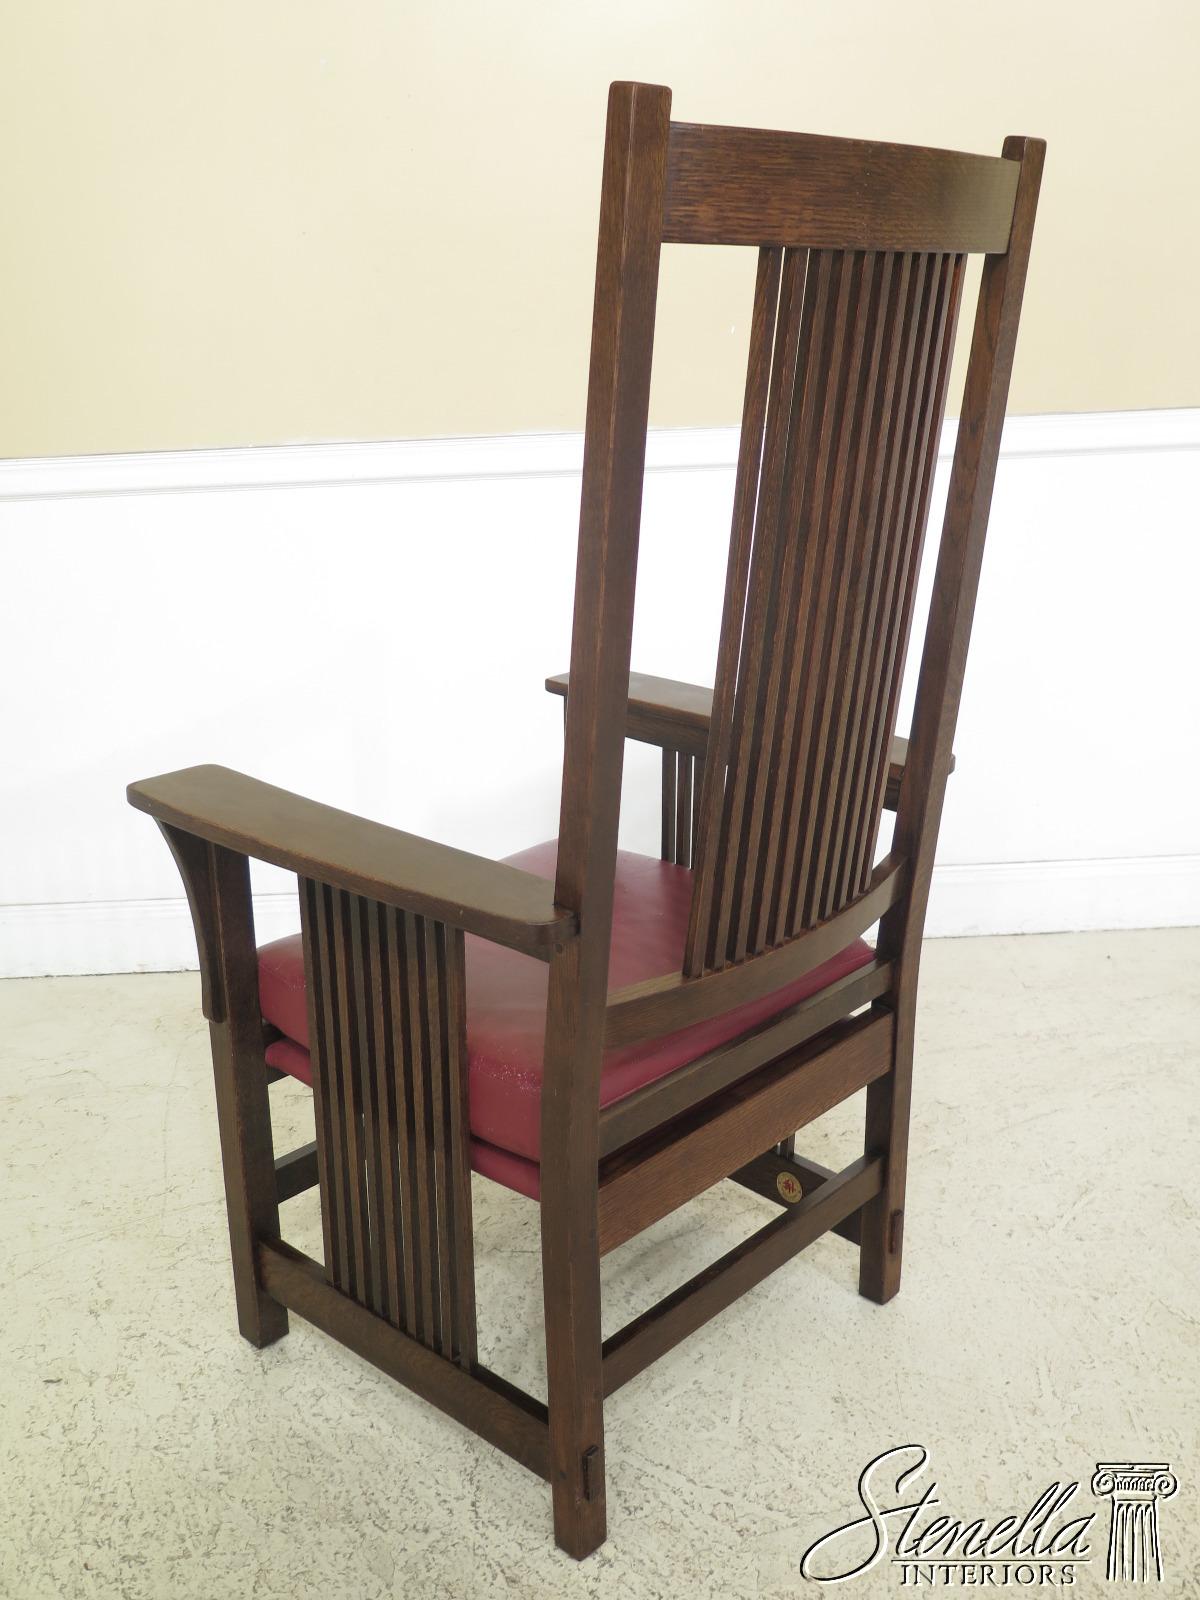 Stickley Dining Room Furniture: 47494EC: Set Of 8 STICKLEY Mission Oak High Back Dining